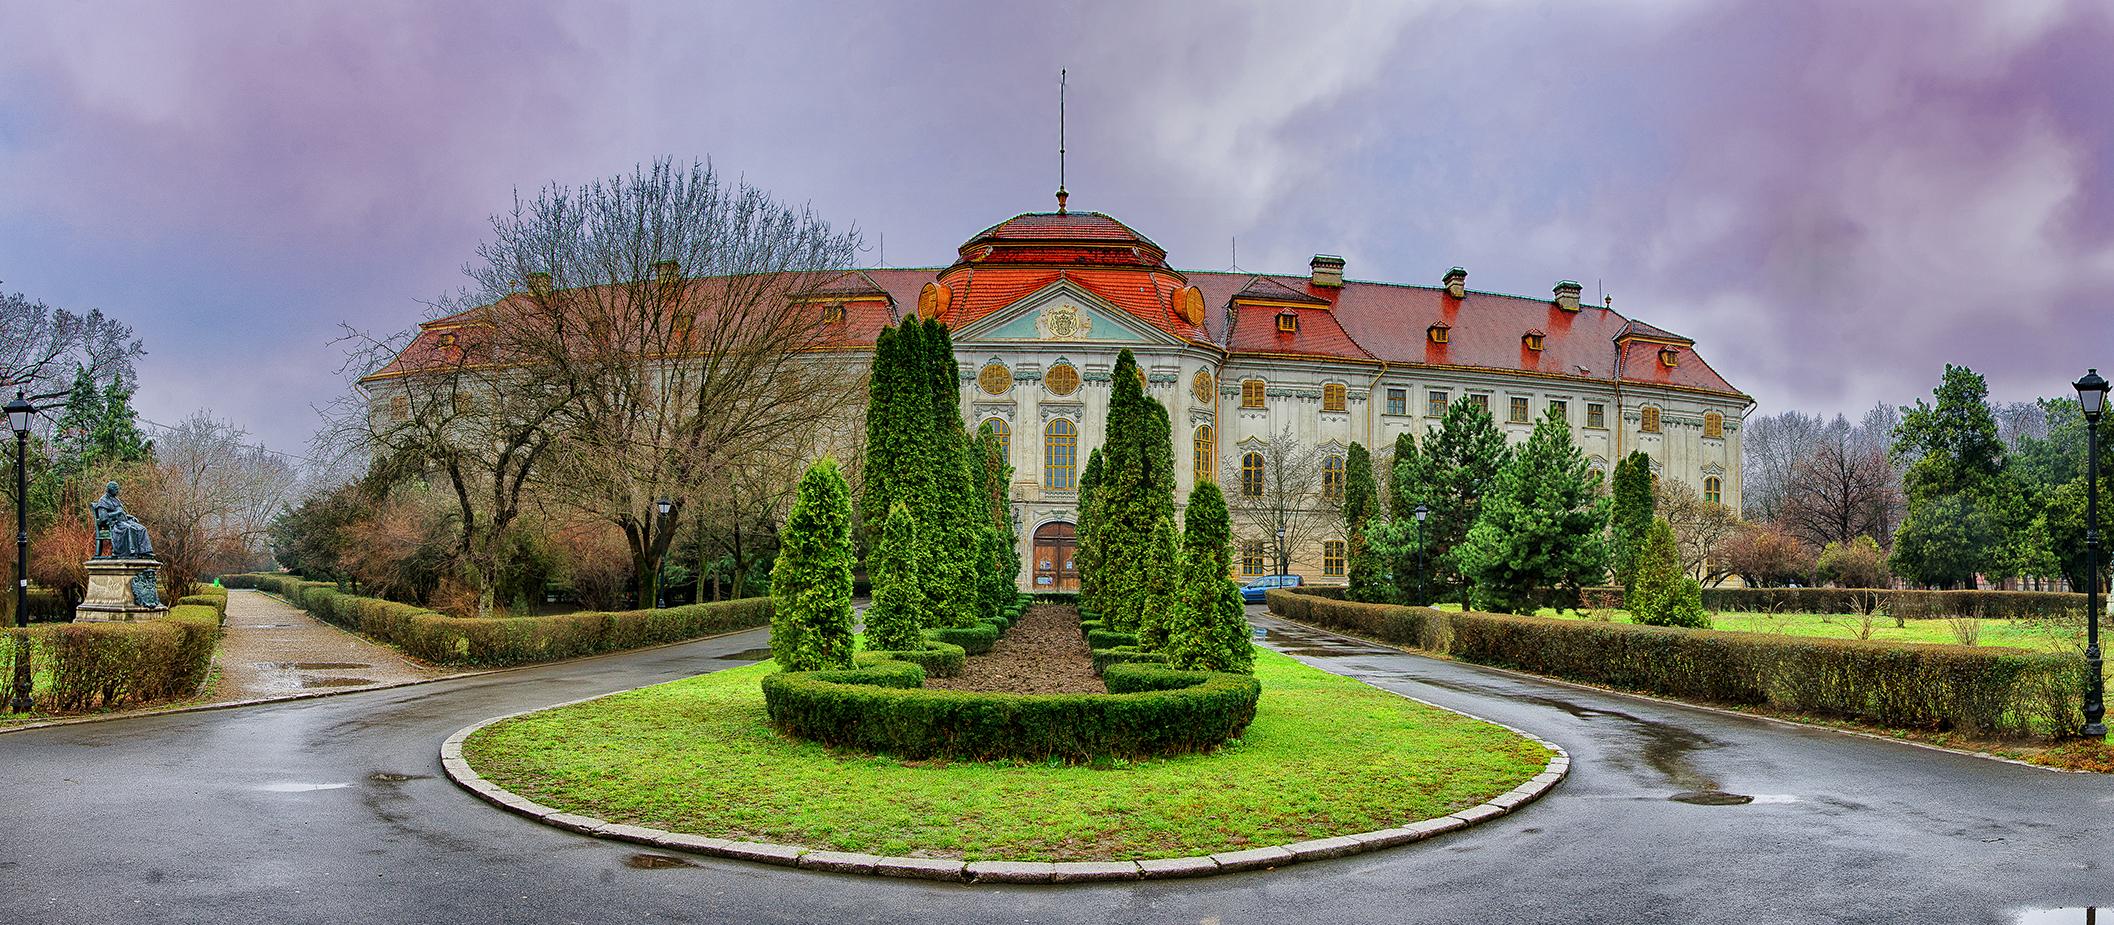 Palatul-Baroc-Foto-by-Marcel-Socaciu